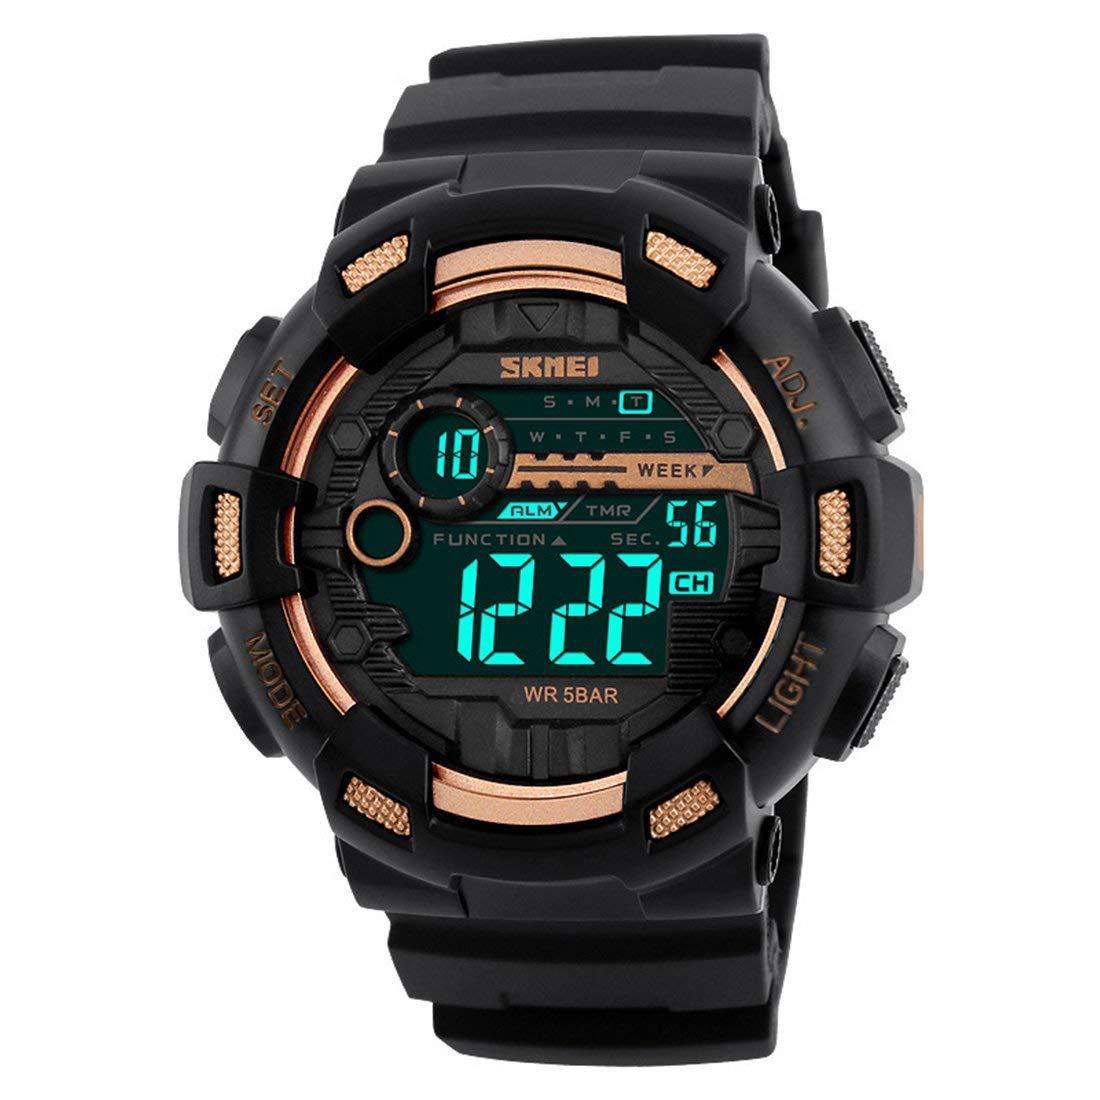 Skmei Reloj Negro Hombre Digtial Al Aire Libre G Style Cronómetro Deportivo Militar Reloj de Pulsera de Marca rapa Hombre Teenager